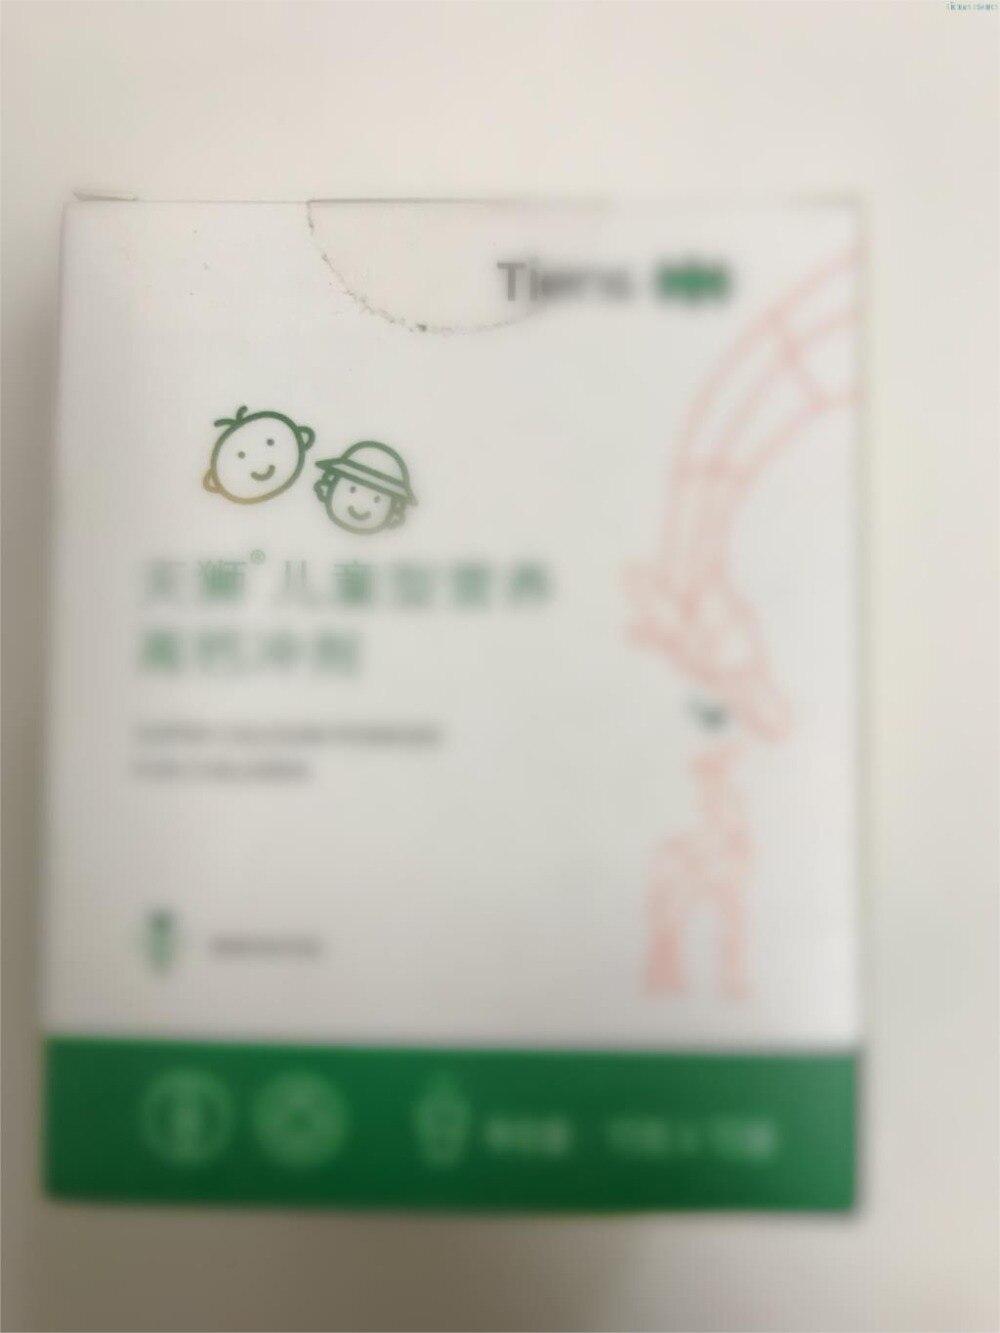 Посылка Tien cal-cium 2 коробки для детская Продукция Дата: MAY